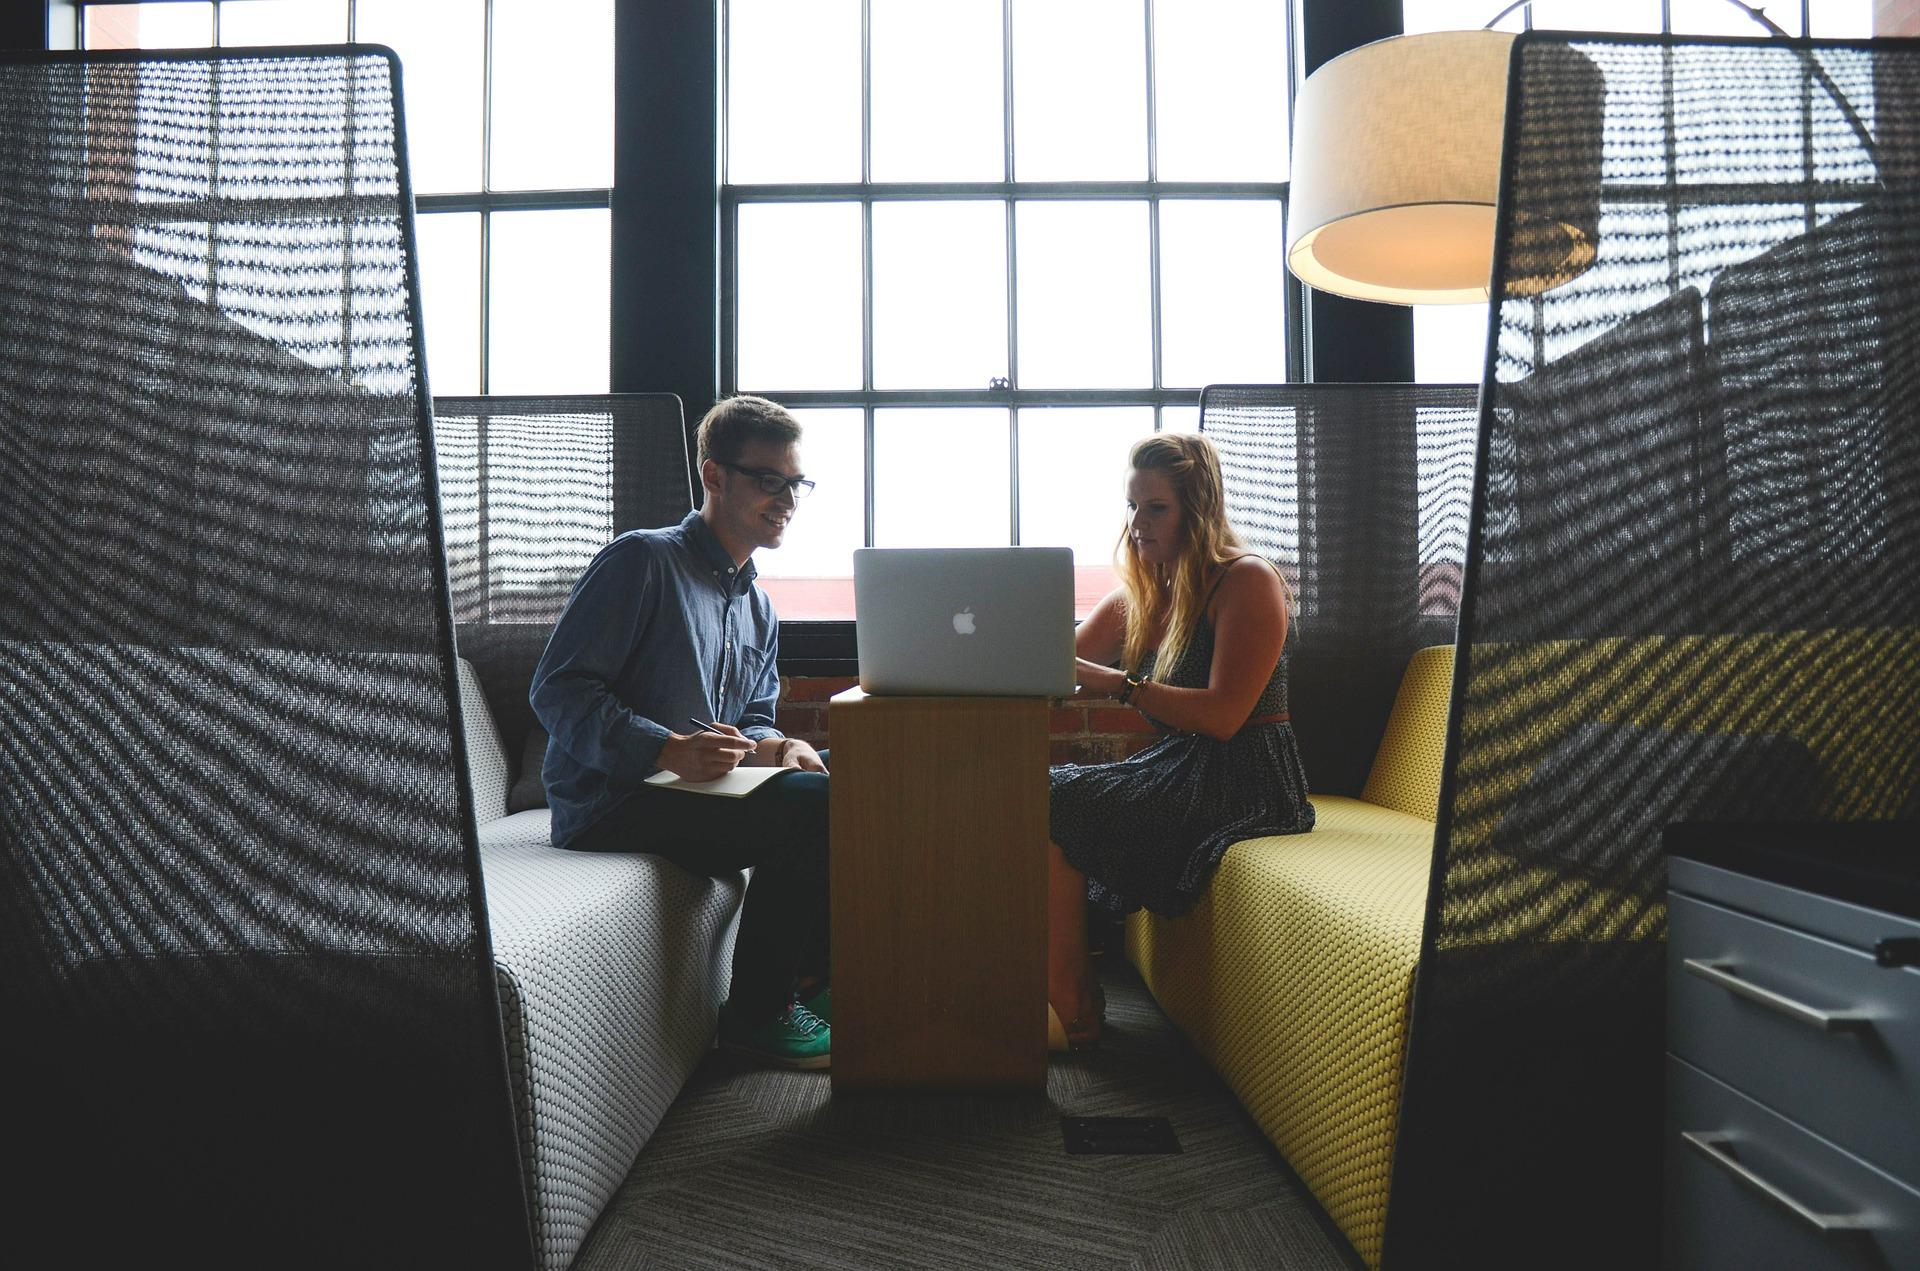 Eksperci podkreślają, że podczas rozmów o podwyżkach nie powinniśmy używać argumentów prywatnych (fot. Pixabay)